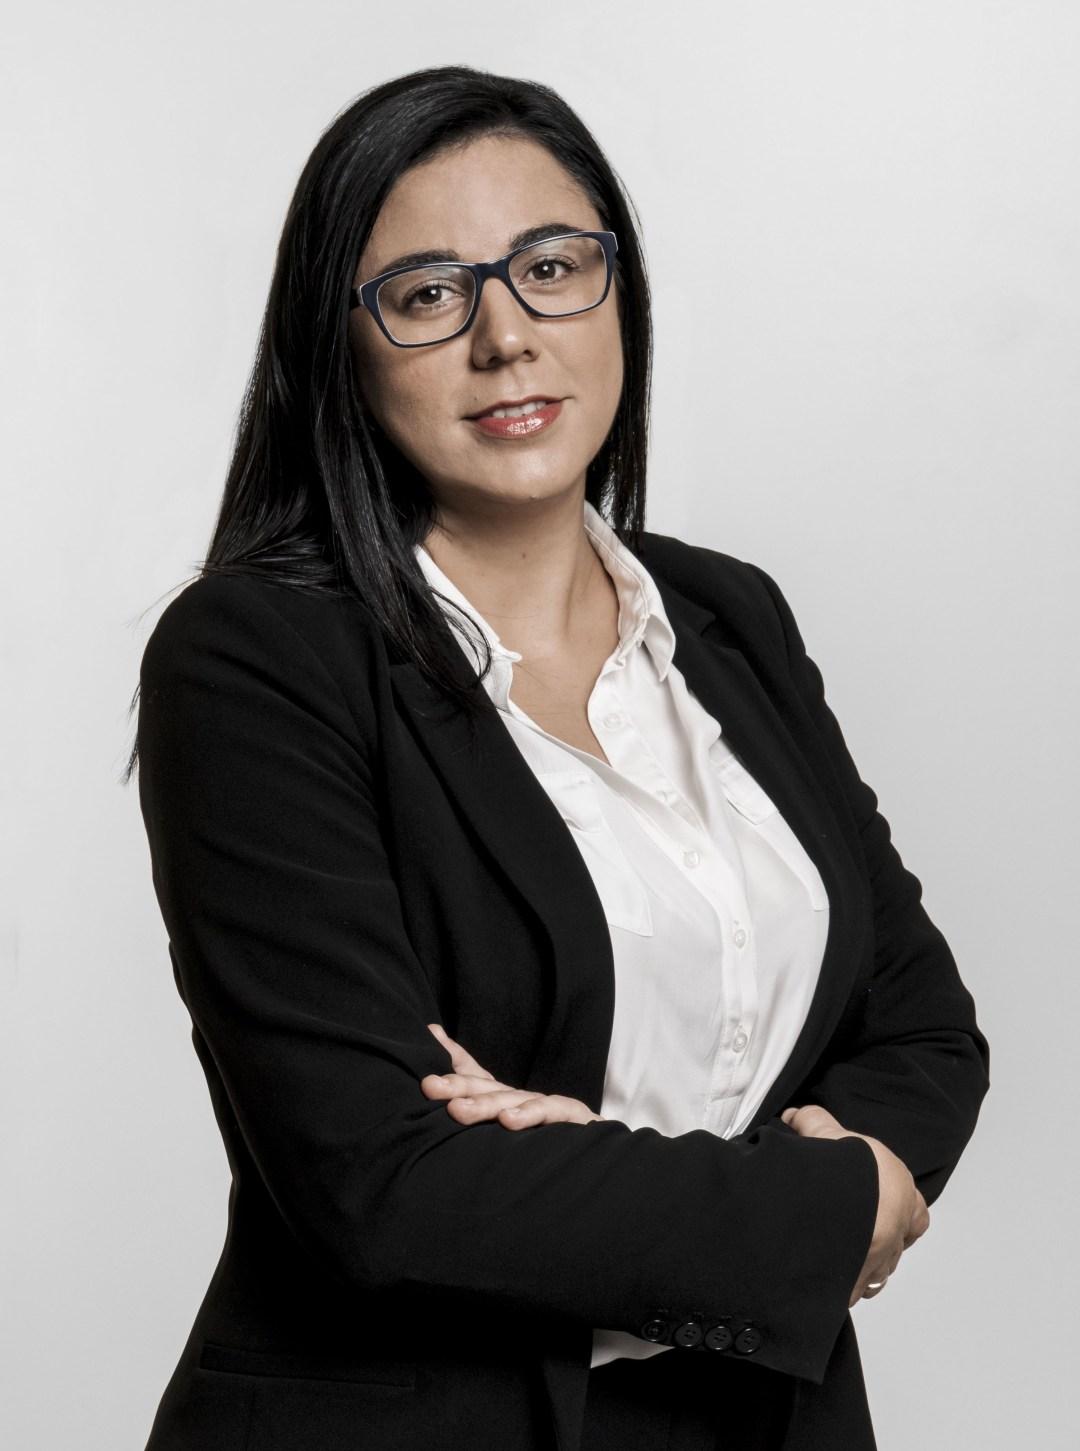 María José Lledó